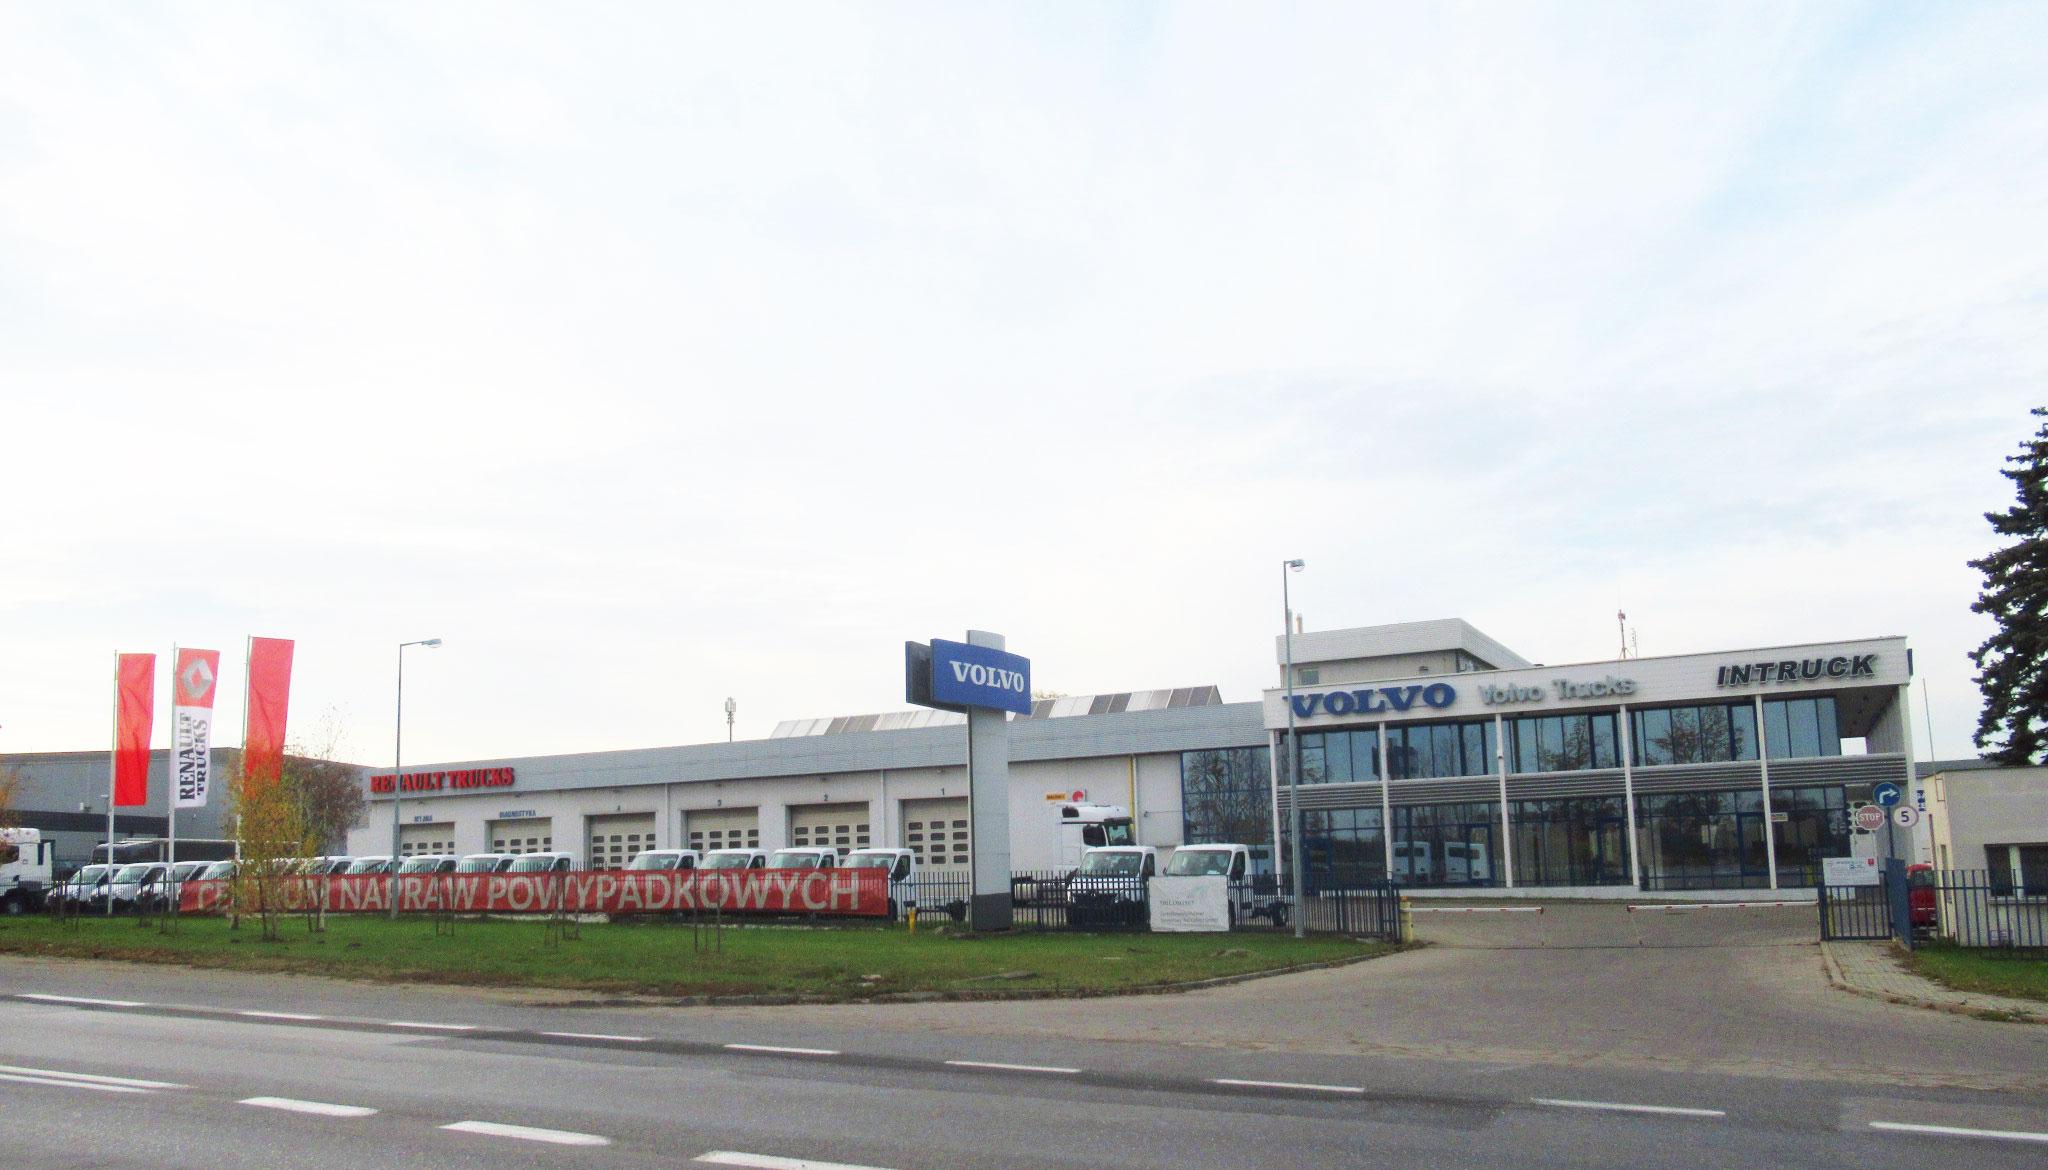 Autoryzowany serwis Volvo Trucks & Renault Trucks - Radom